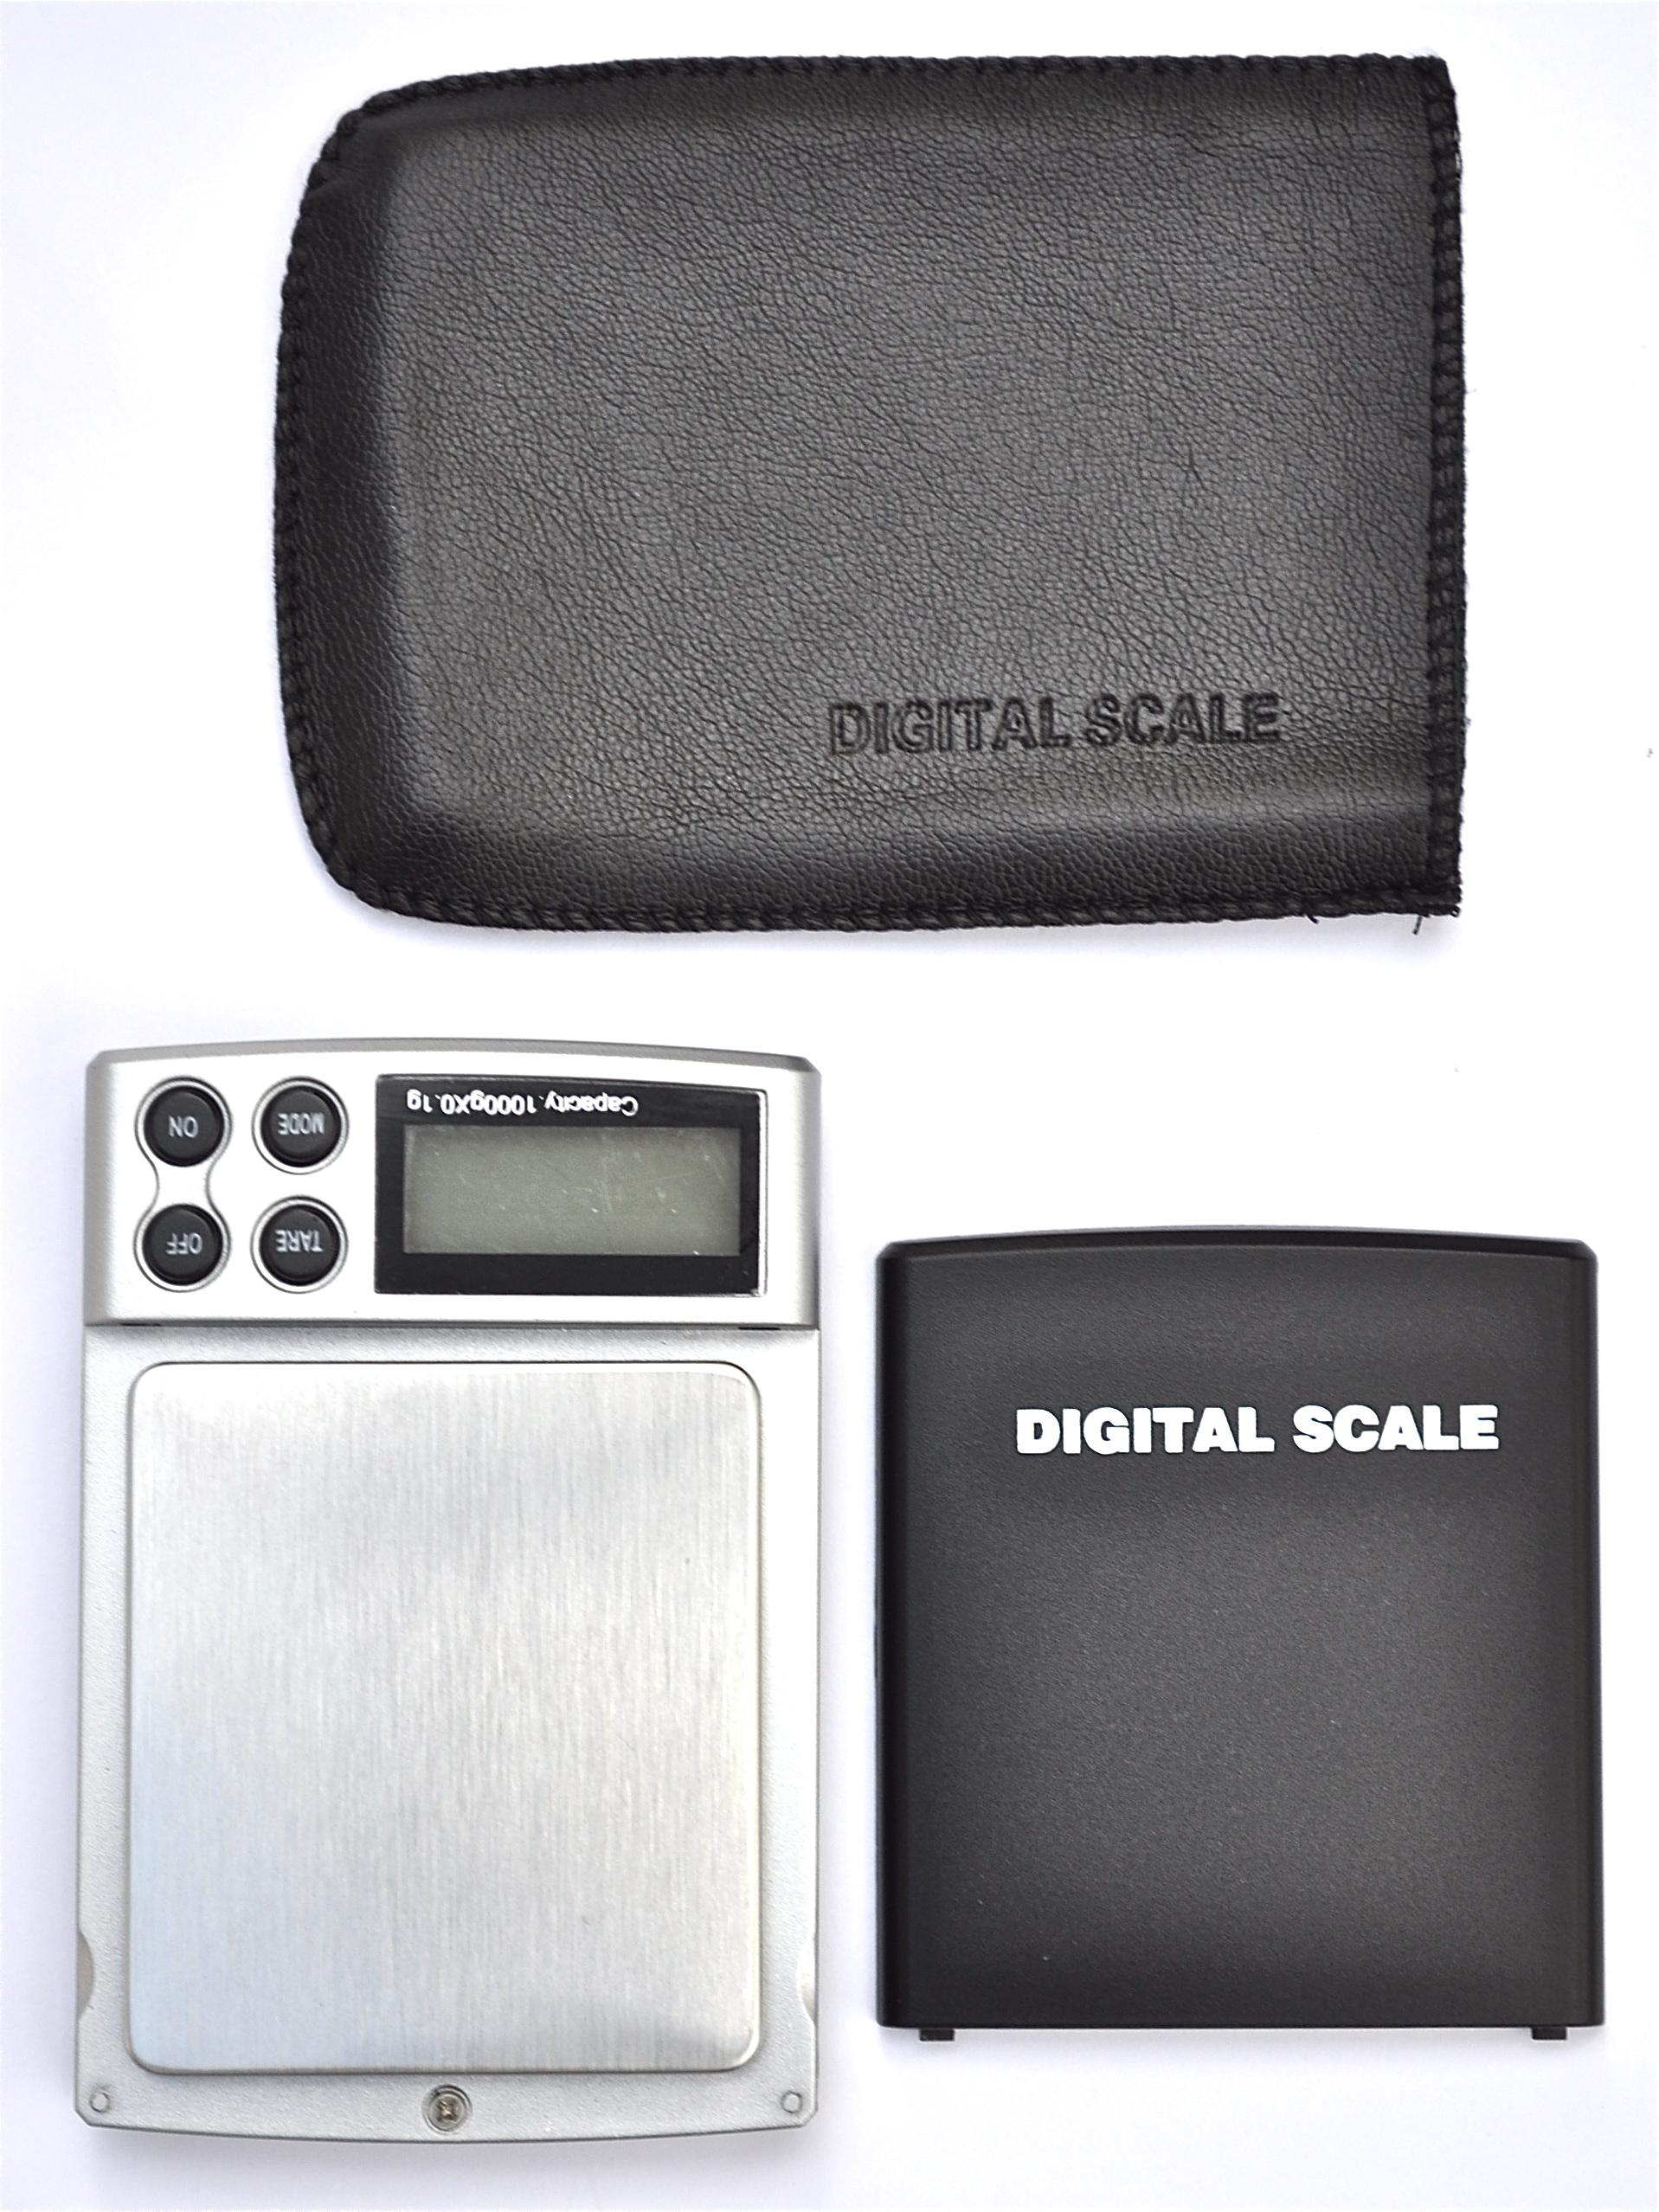 digital scale pocket size digit.